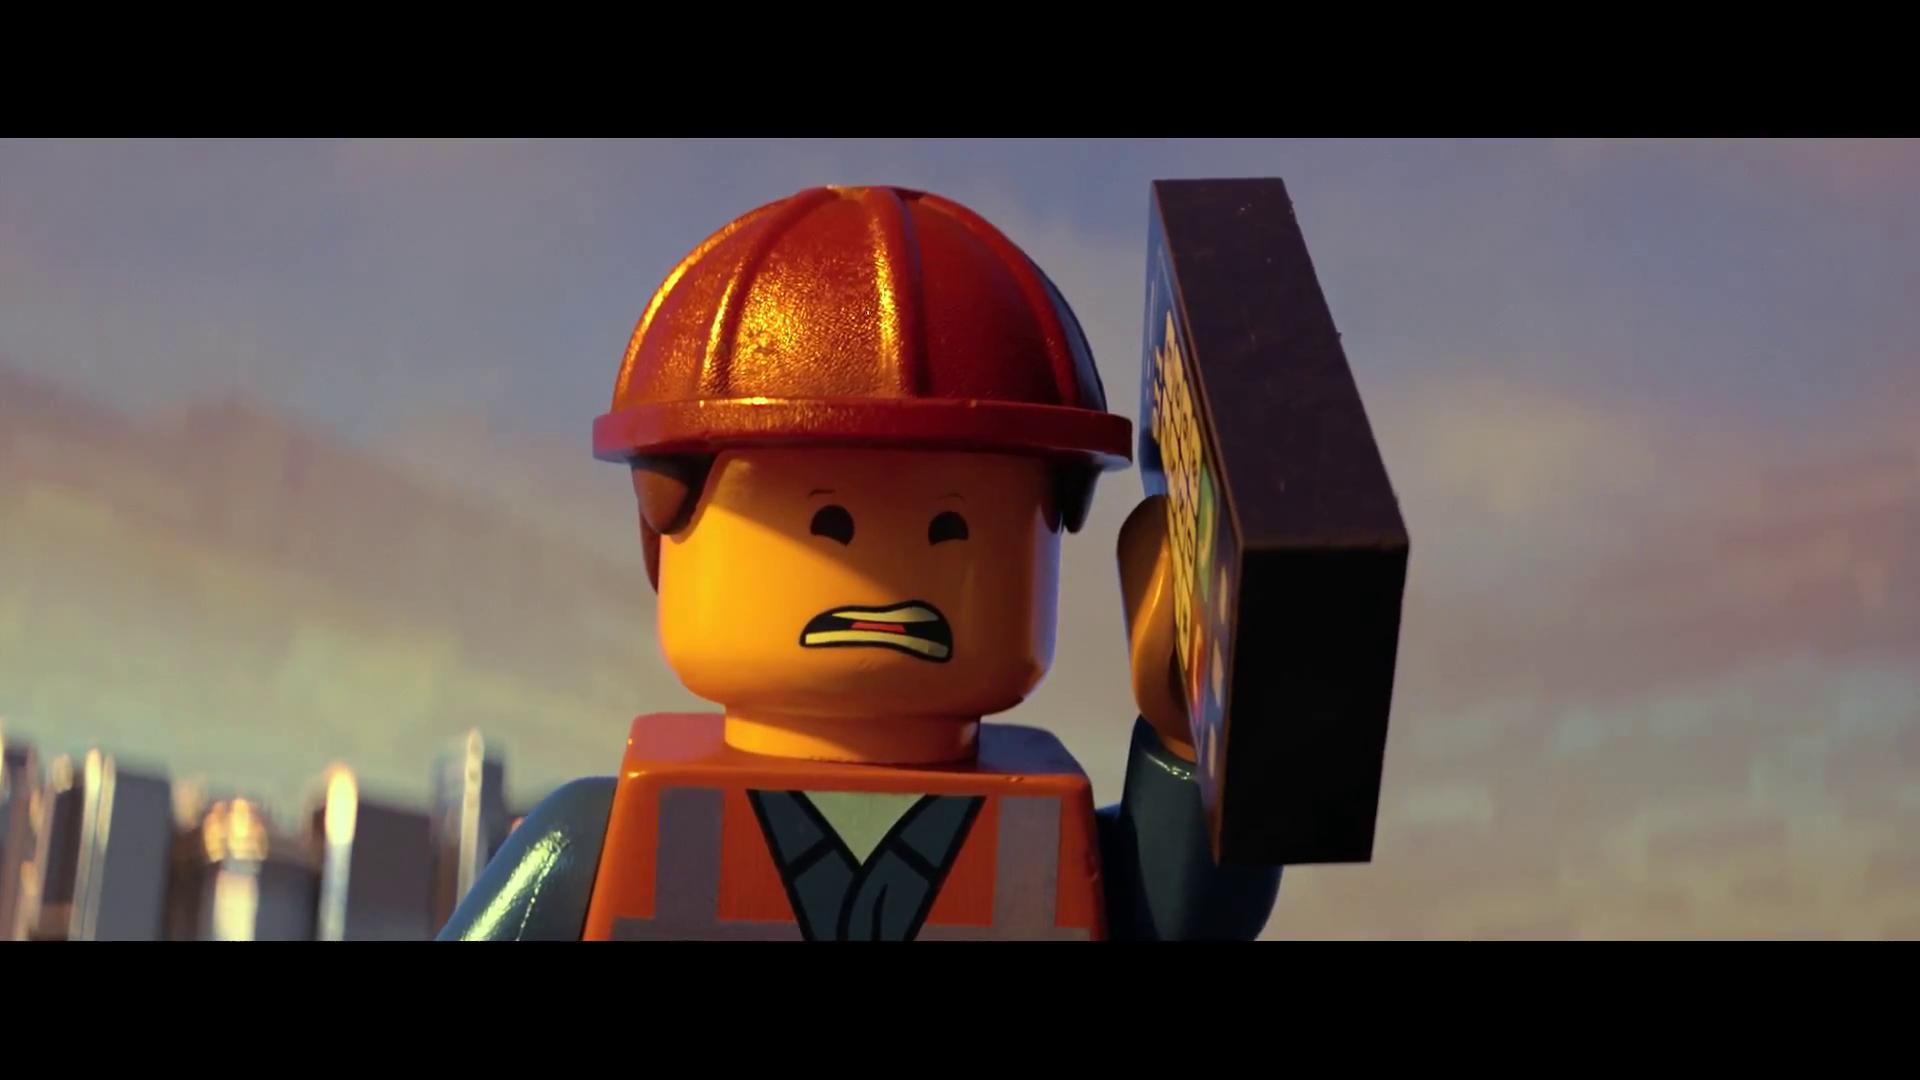 lego movie images